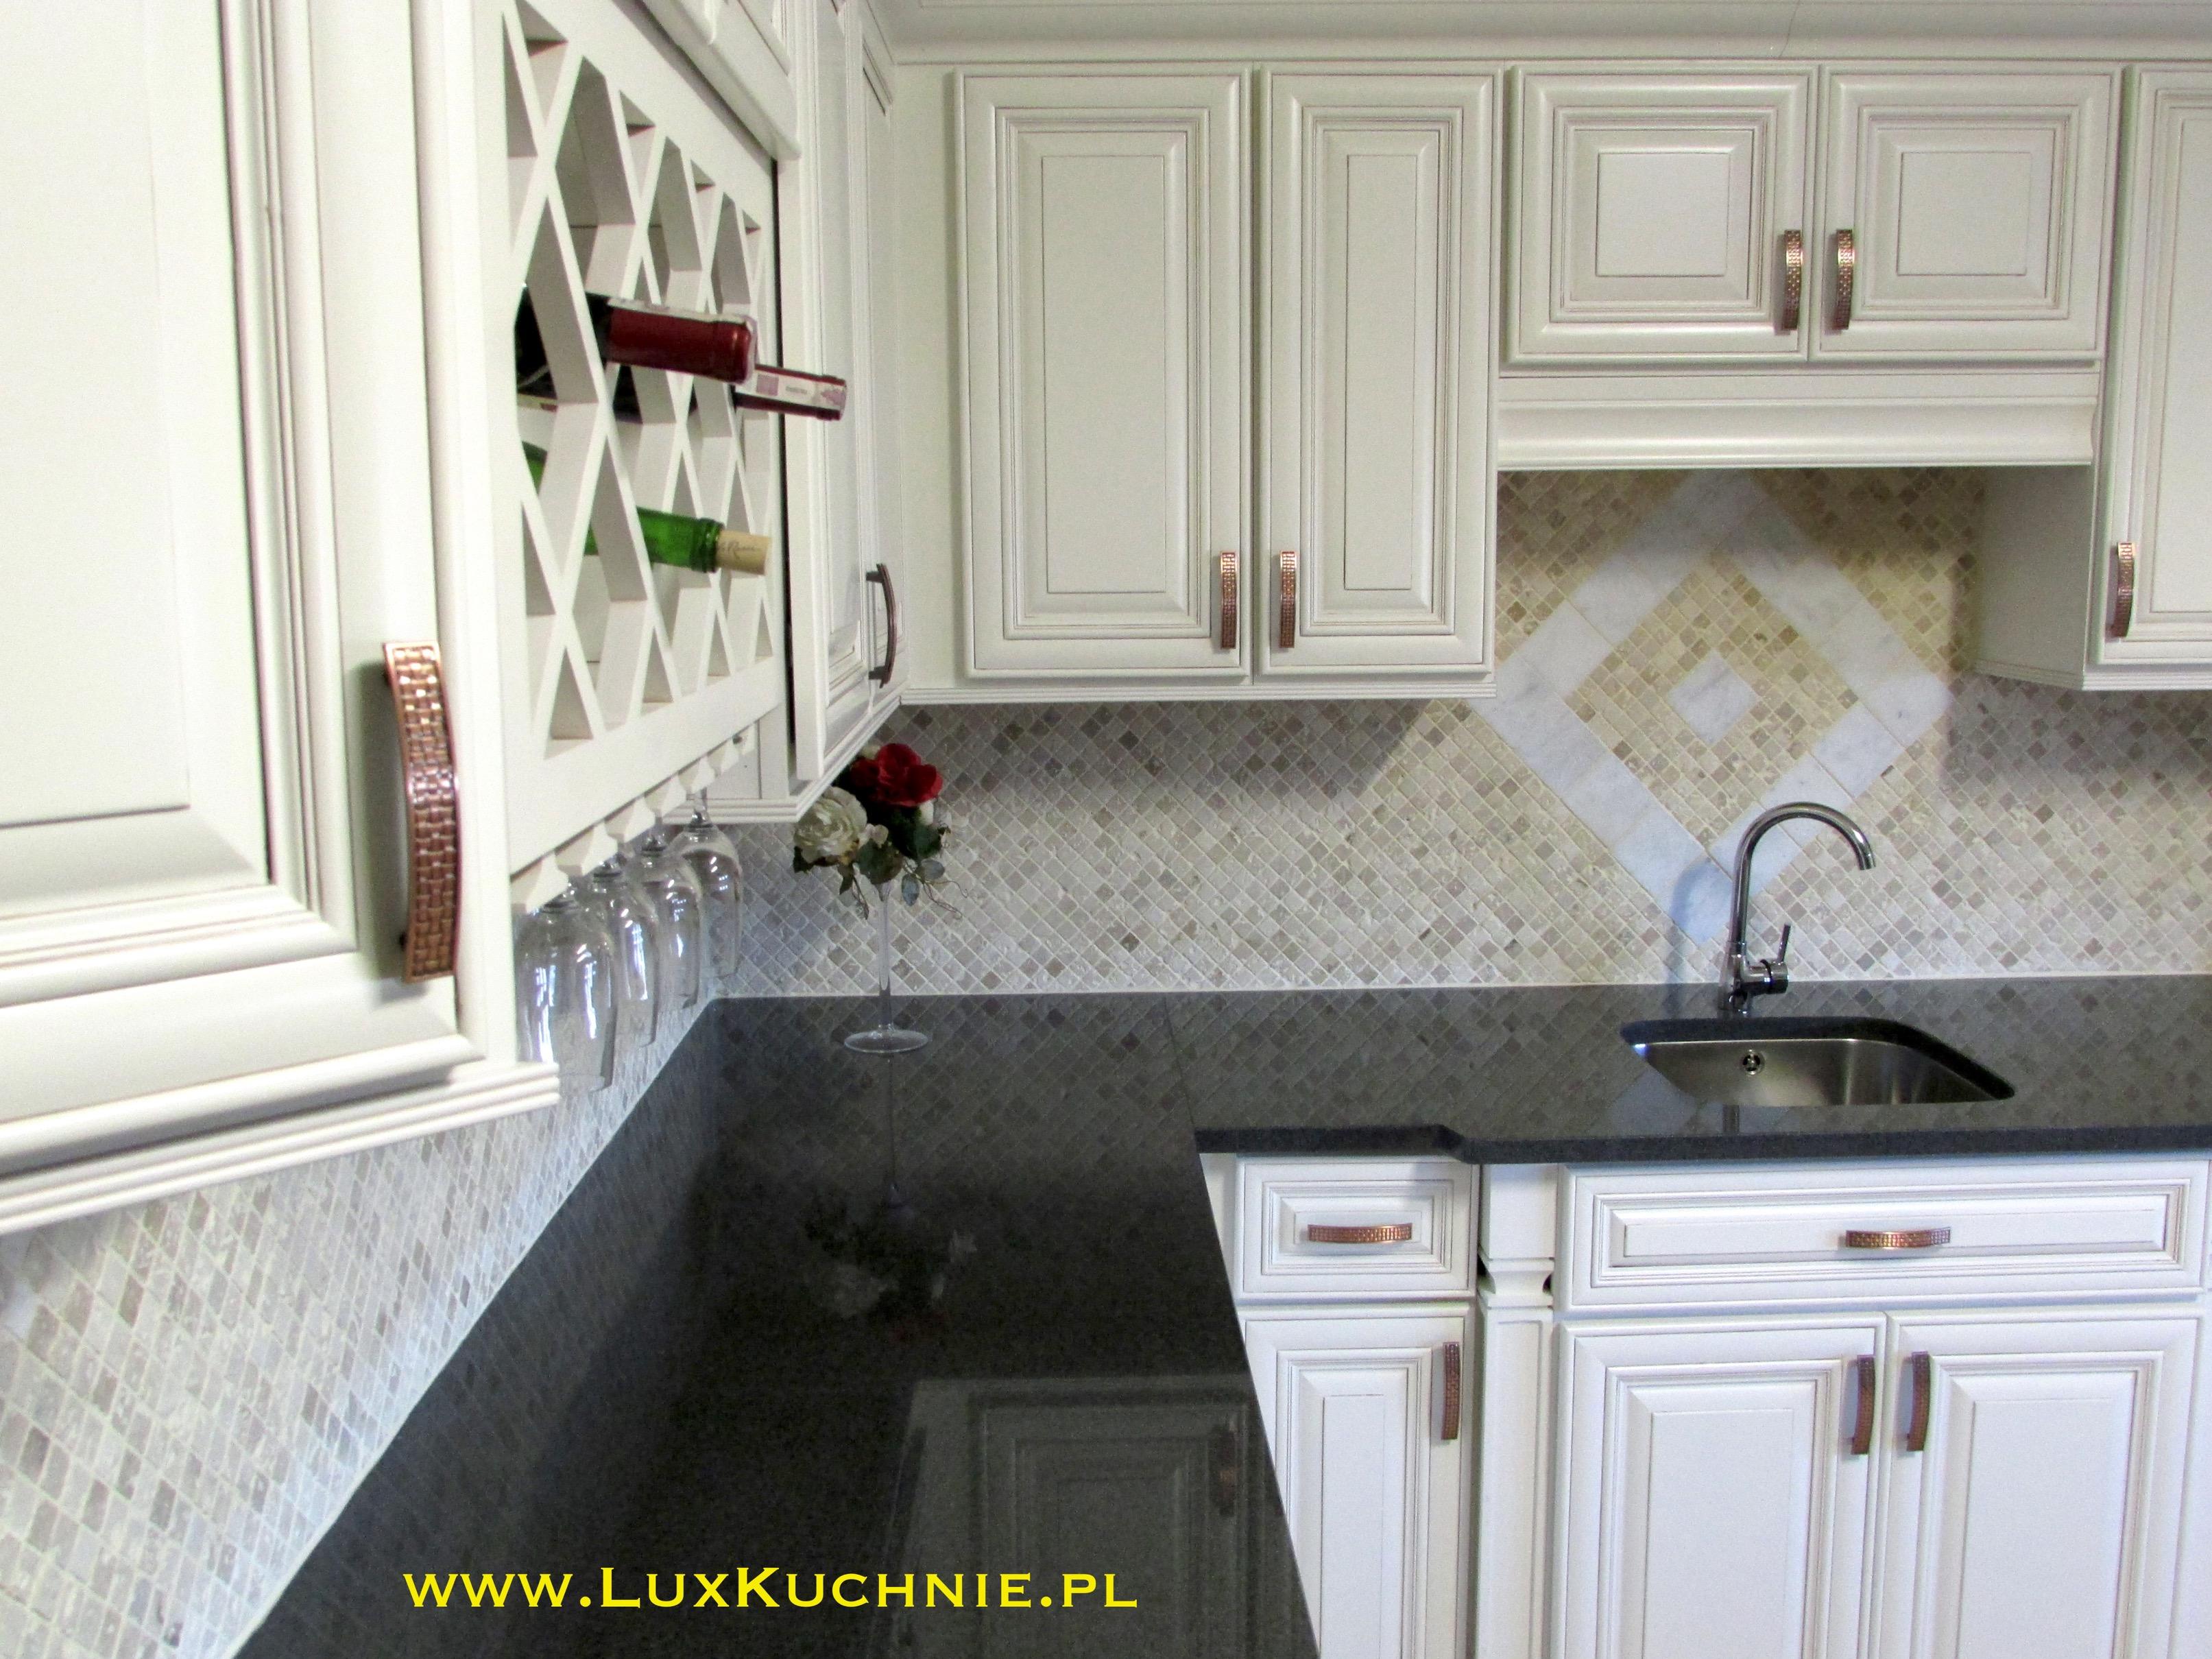 Lux Kuchnie